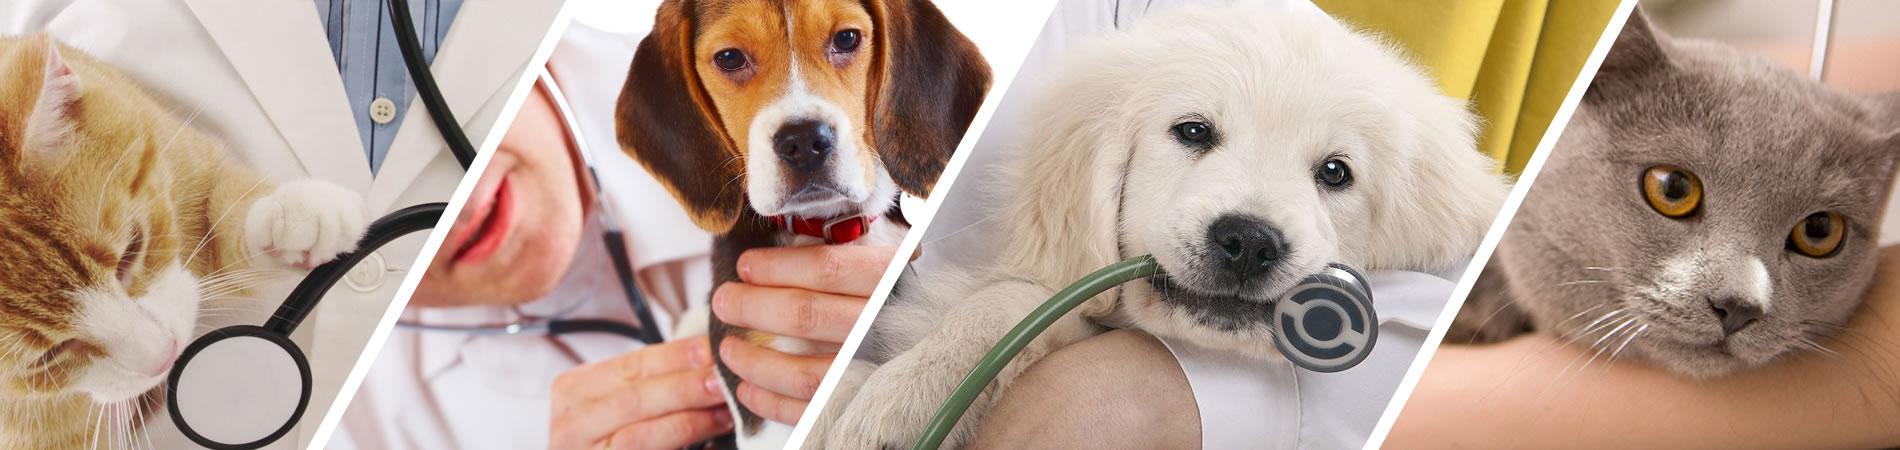 appuntamento veterinario san donà di piave